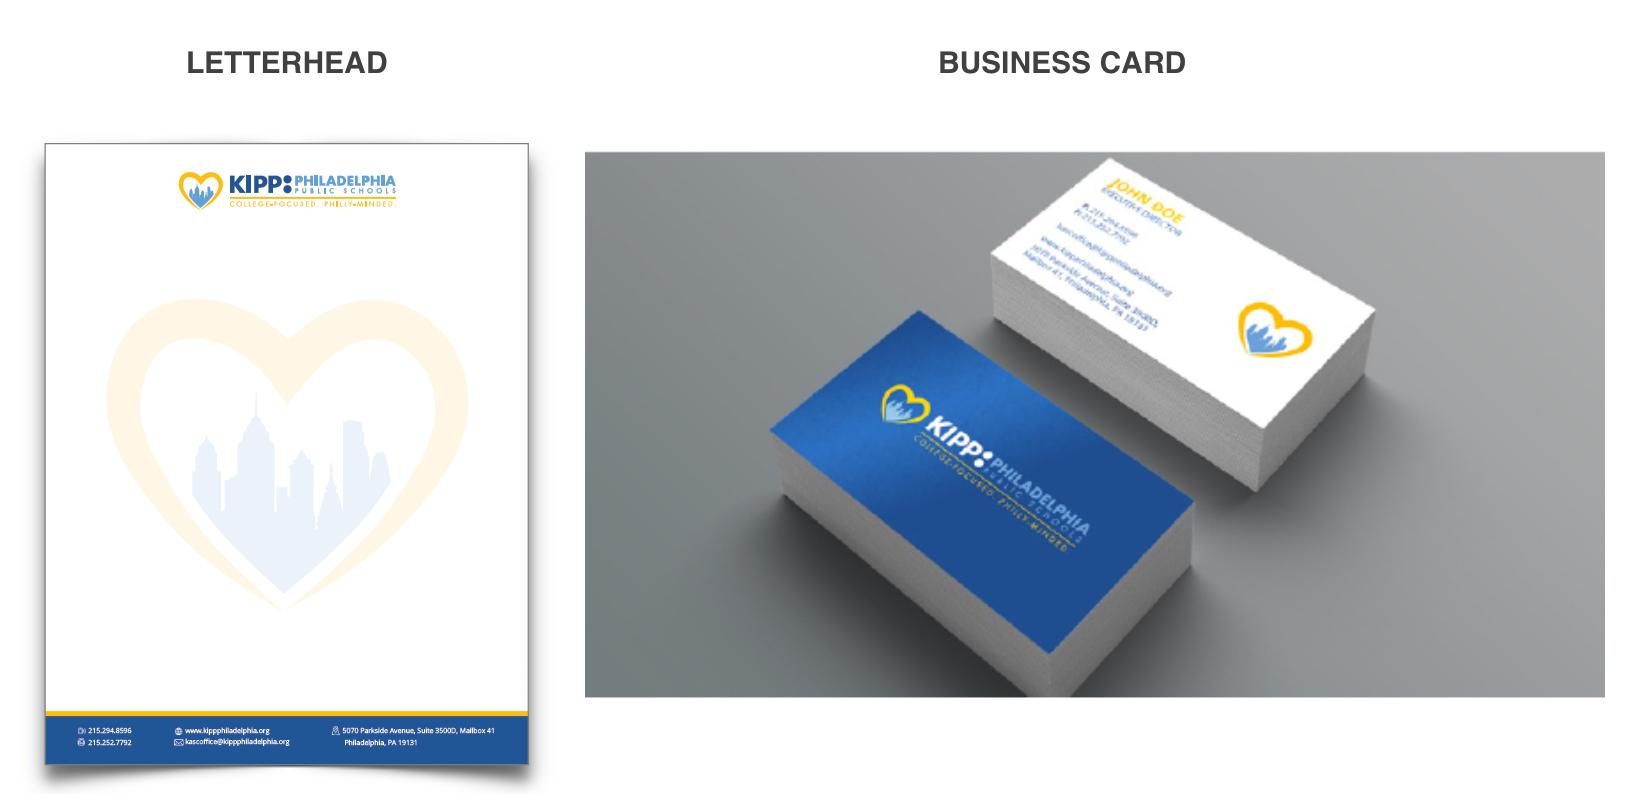 KPPS letterhead & biz card for MDC website.jpg